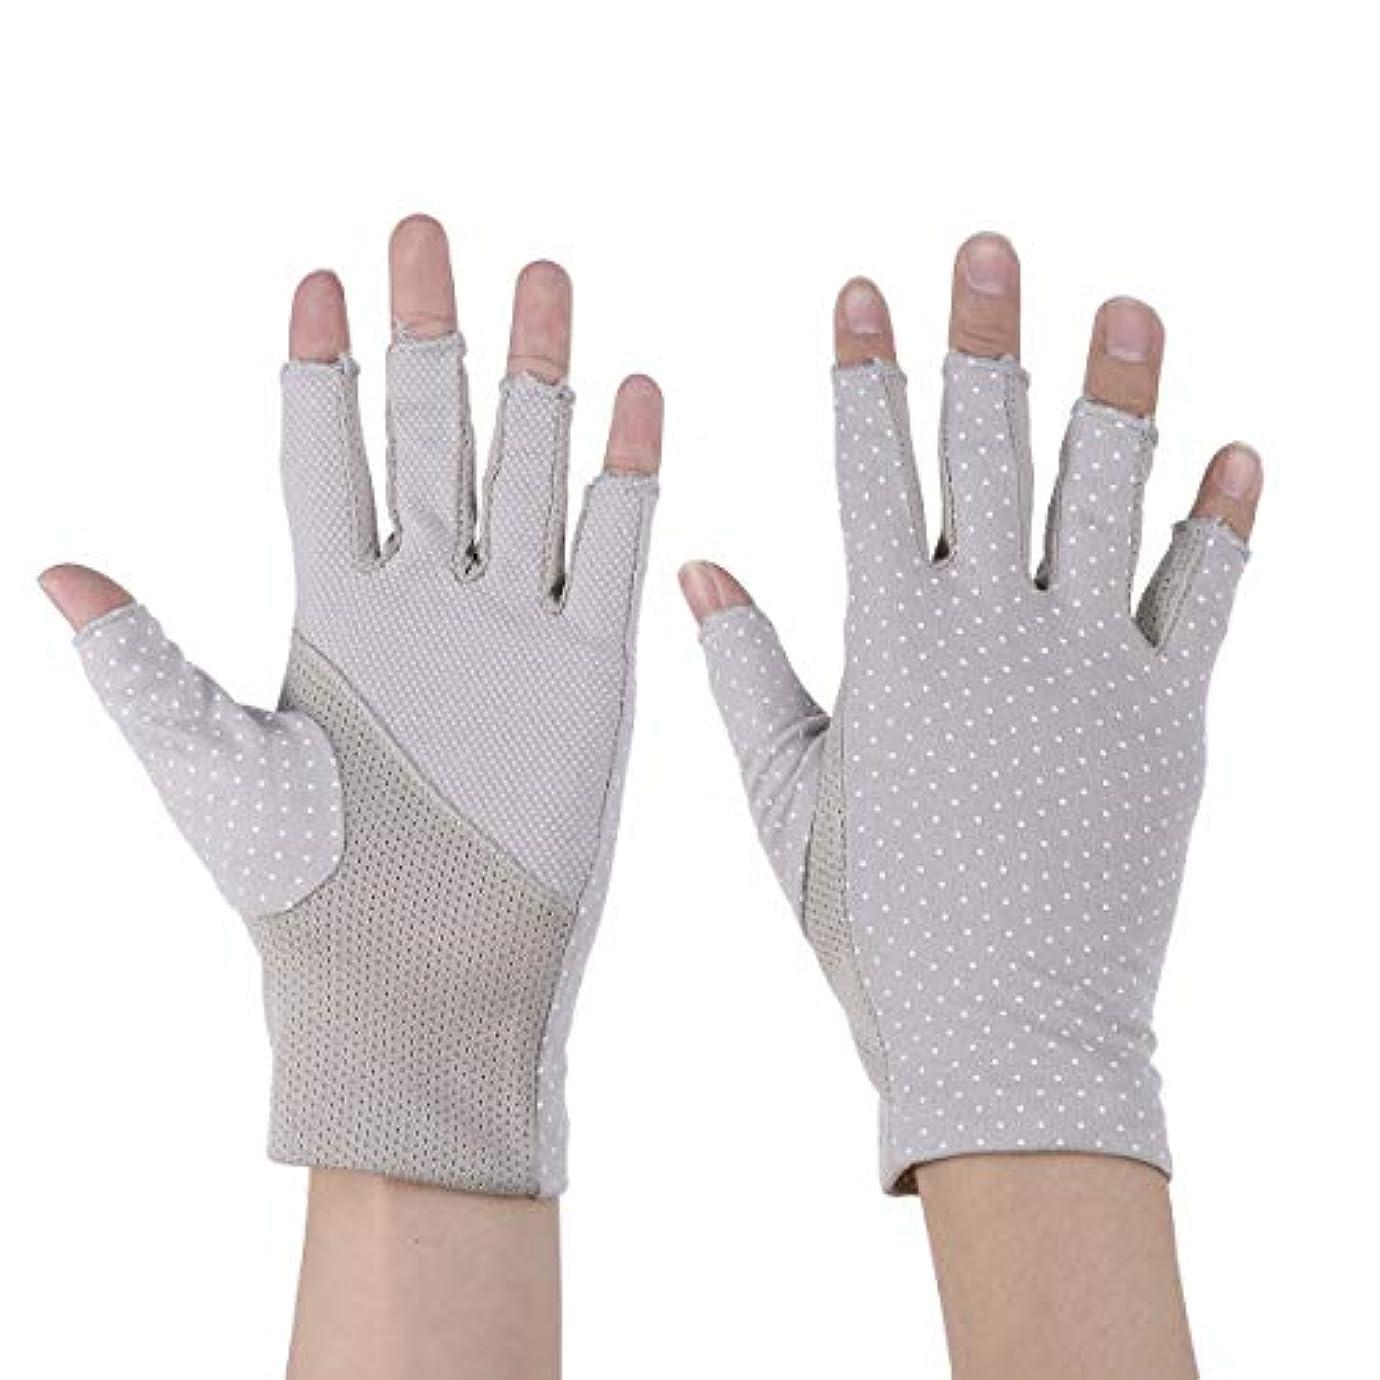 子羊好色な対象Healifty 1ペア日焼け止め手袋ワークアウトミトンハーフフィンガー紫外線保護手袋用サイクリンググレー